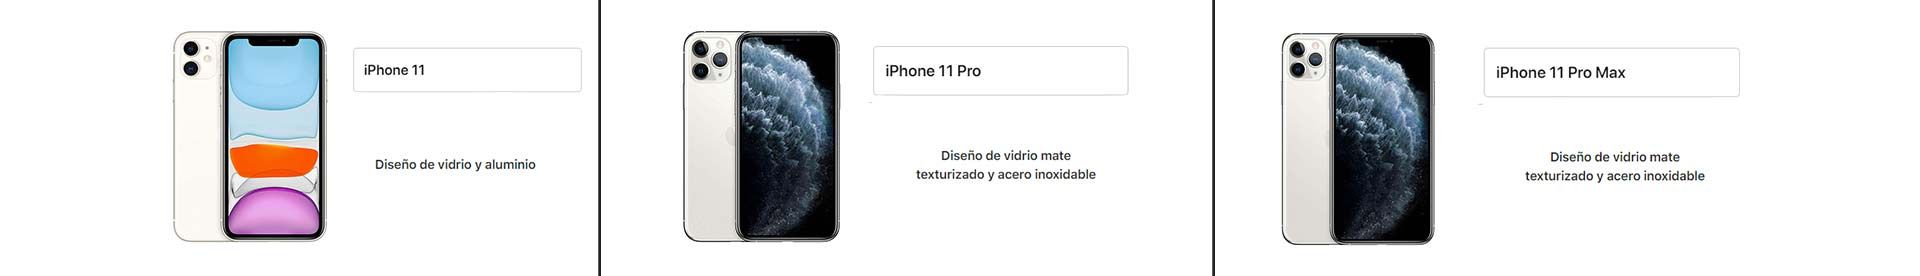 Diferencias-entre-materiales-y-diseño-iphone-11